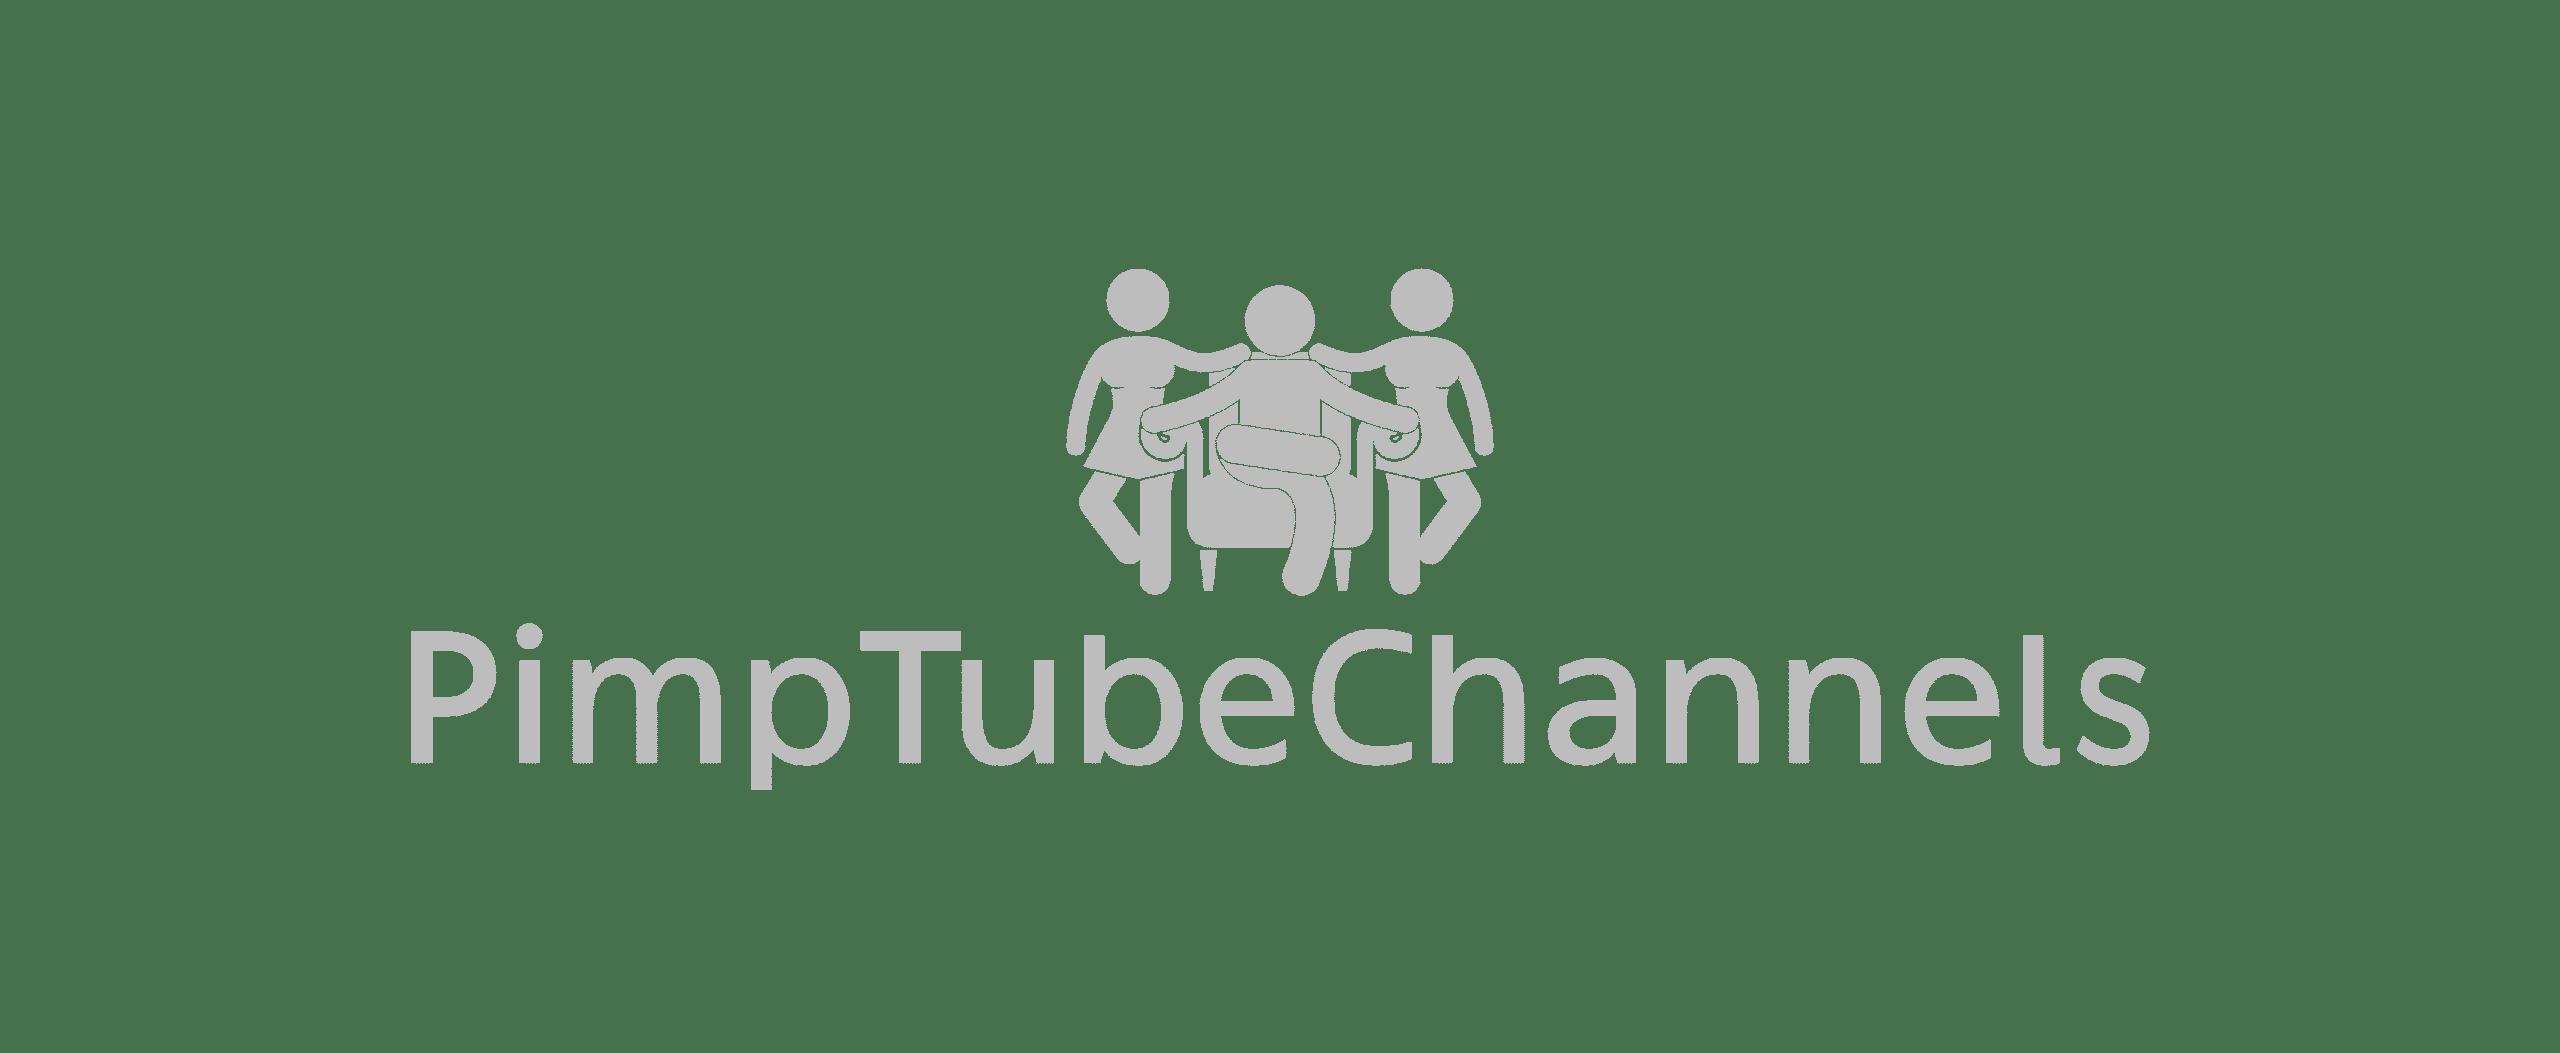 PimpTubeChannels